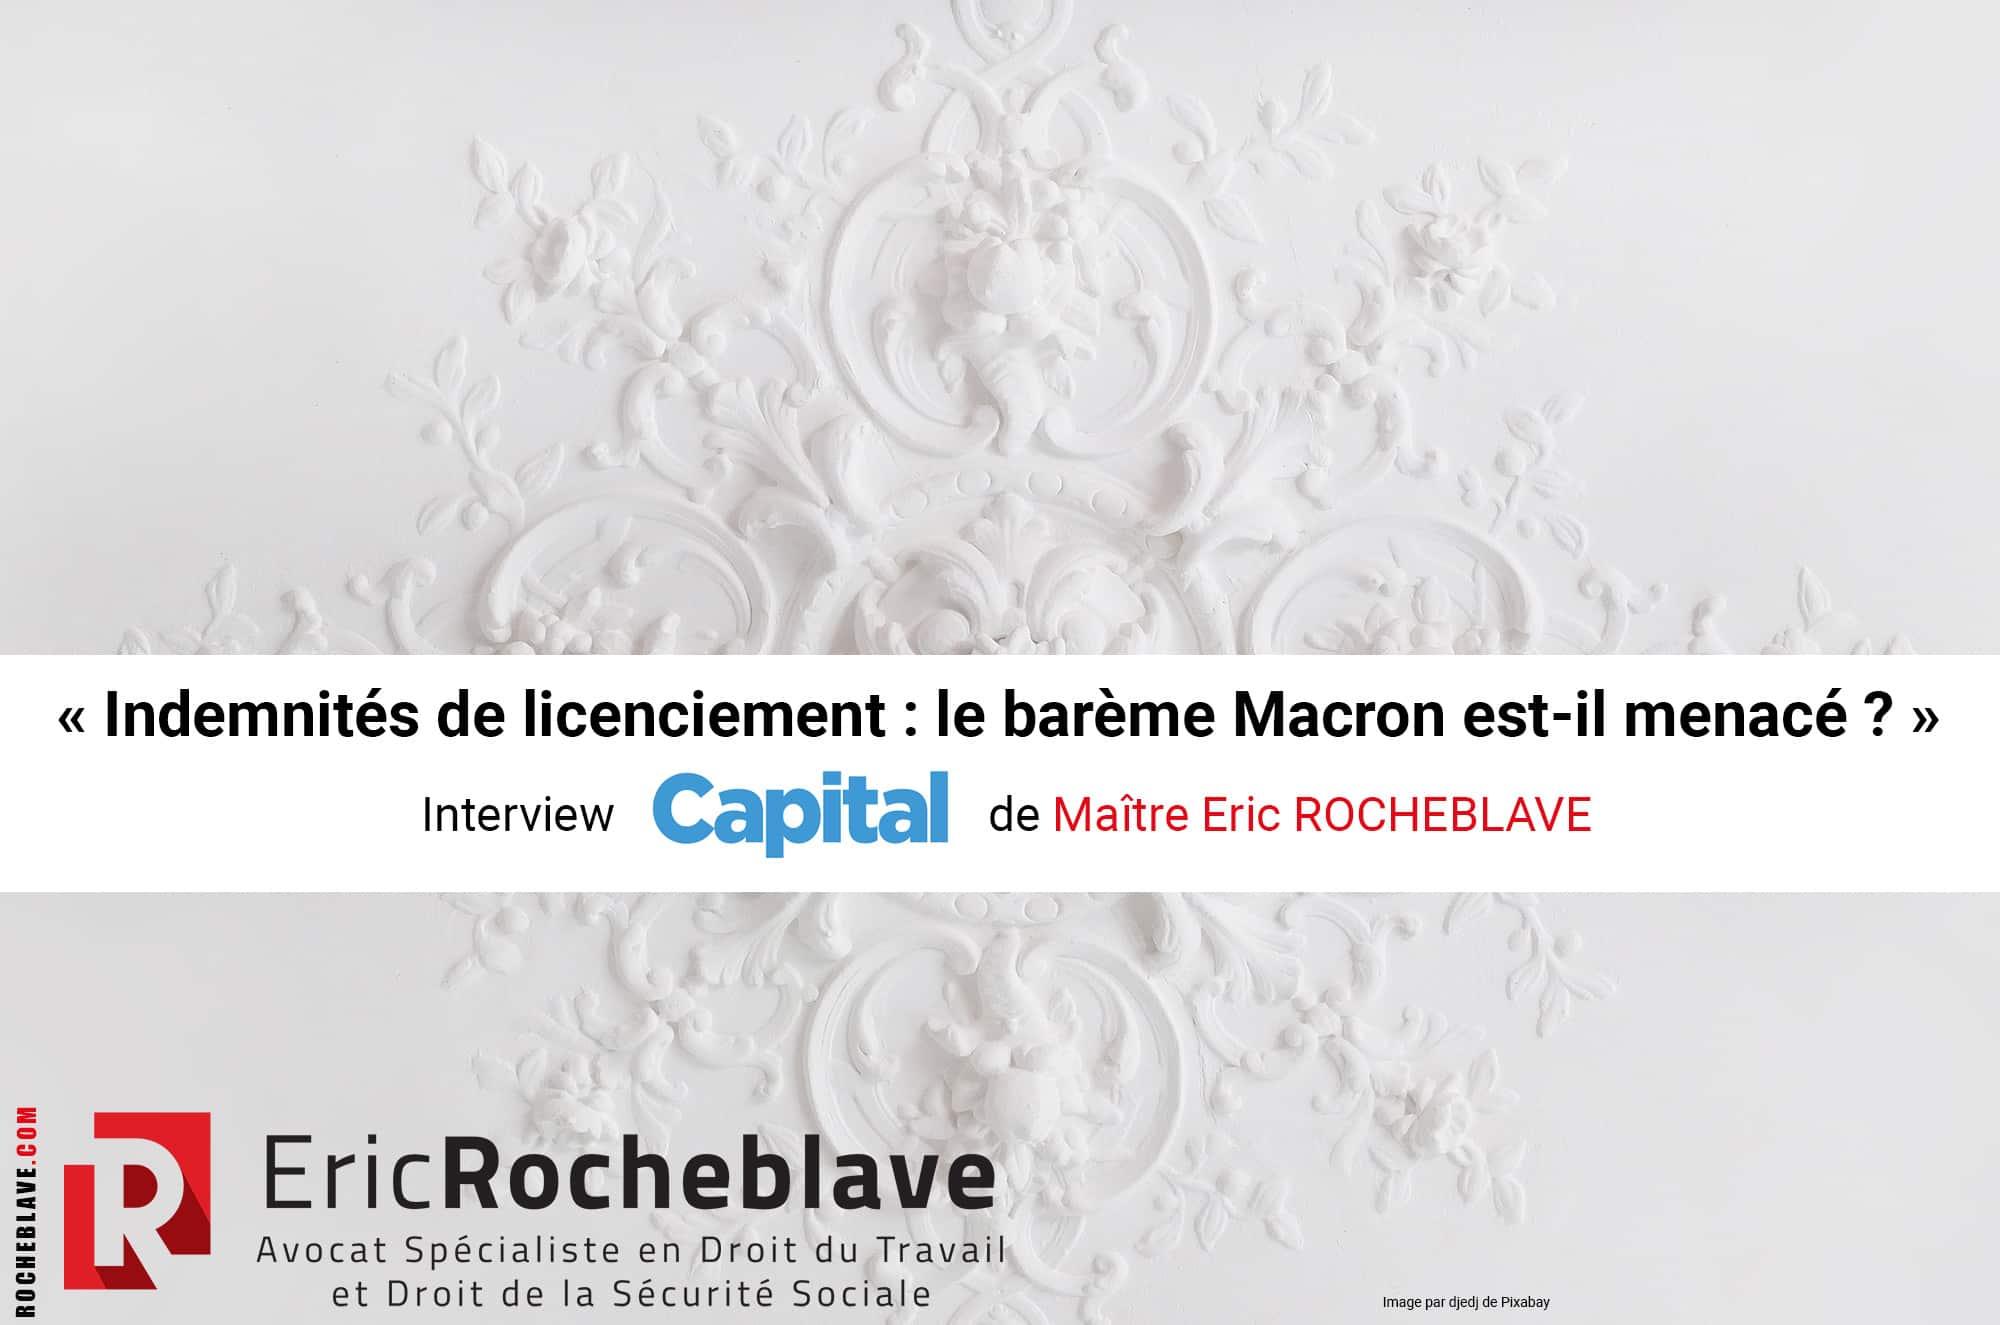 « Indemnités de licenciement : le barème Macron est-il menacé ? » Interview Capital de Maître Eric ROCHEBLAVE